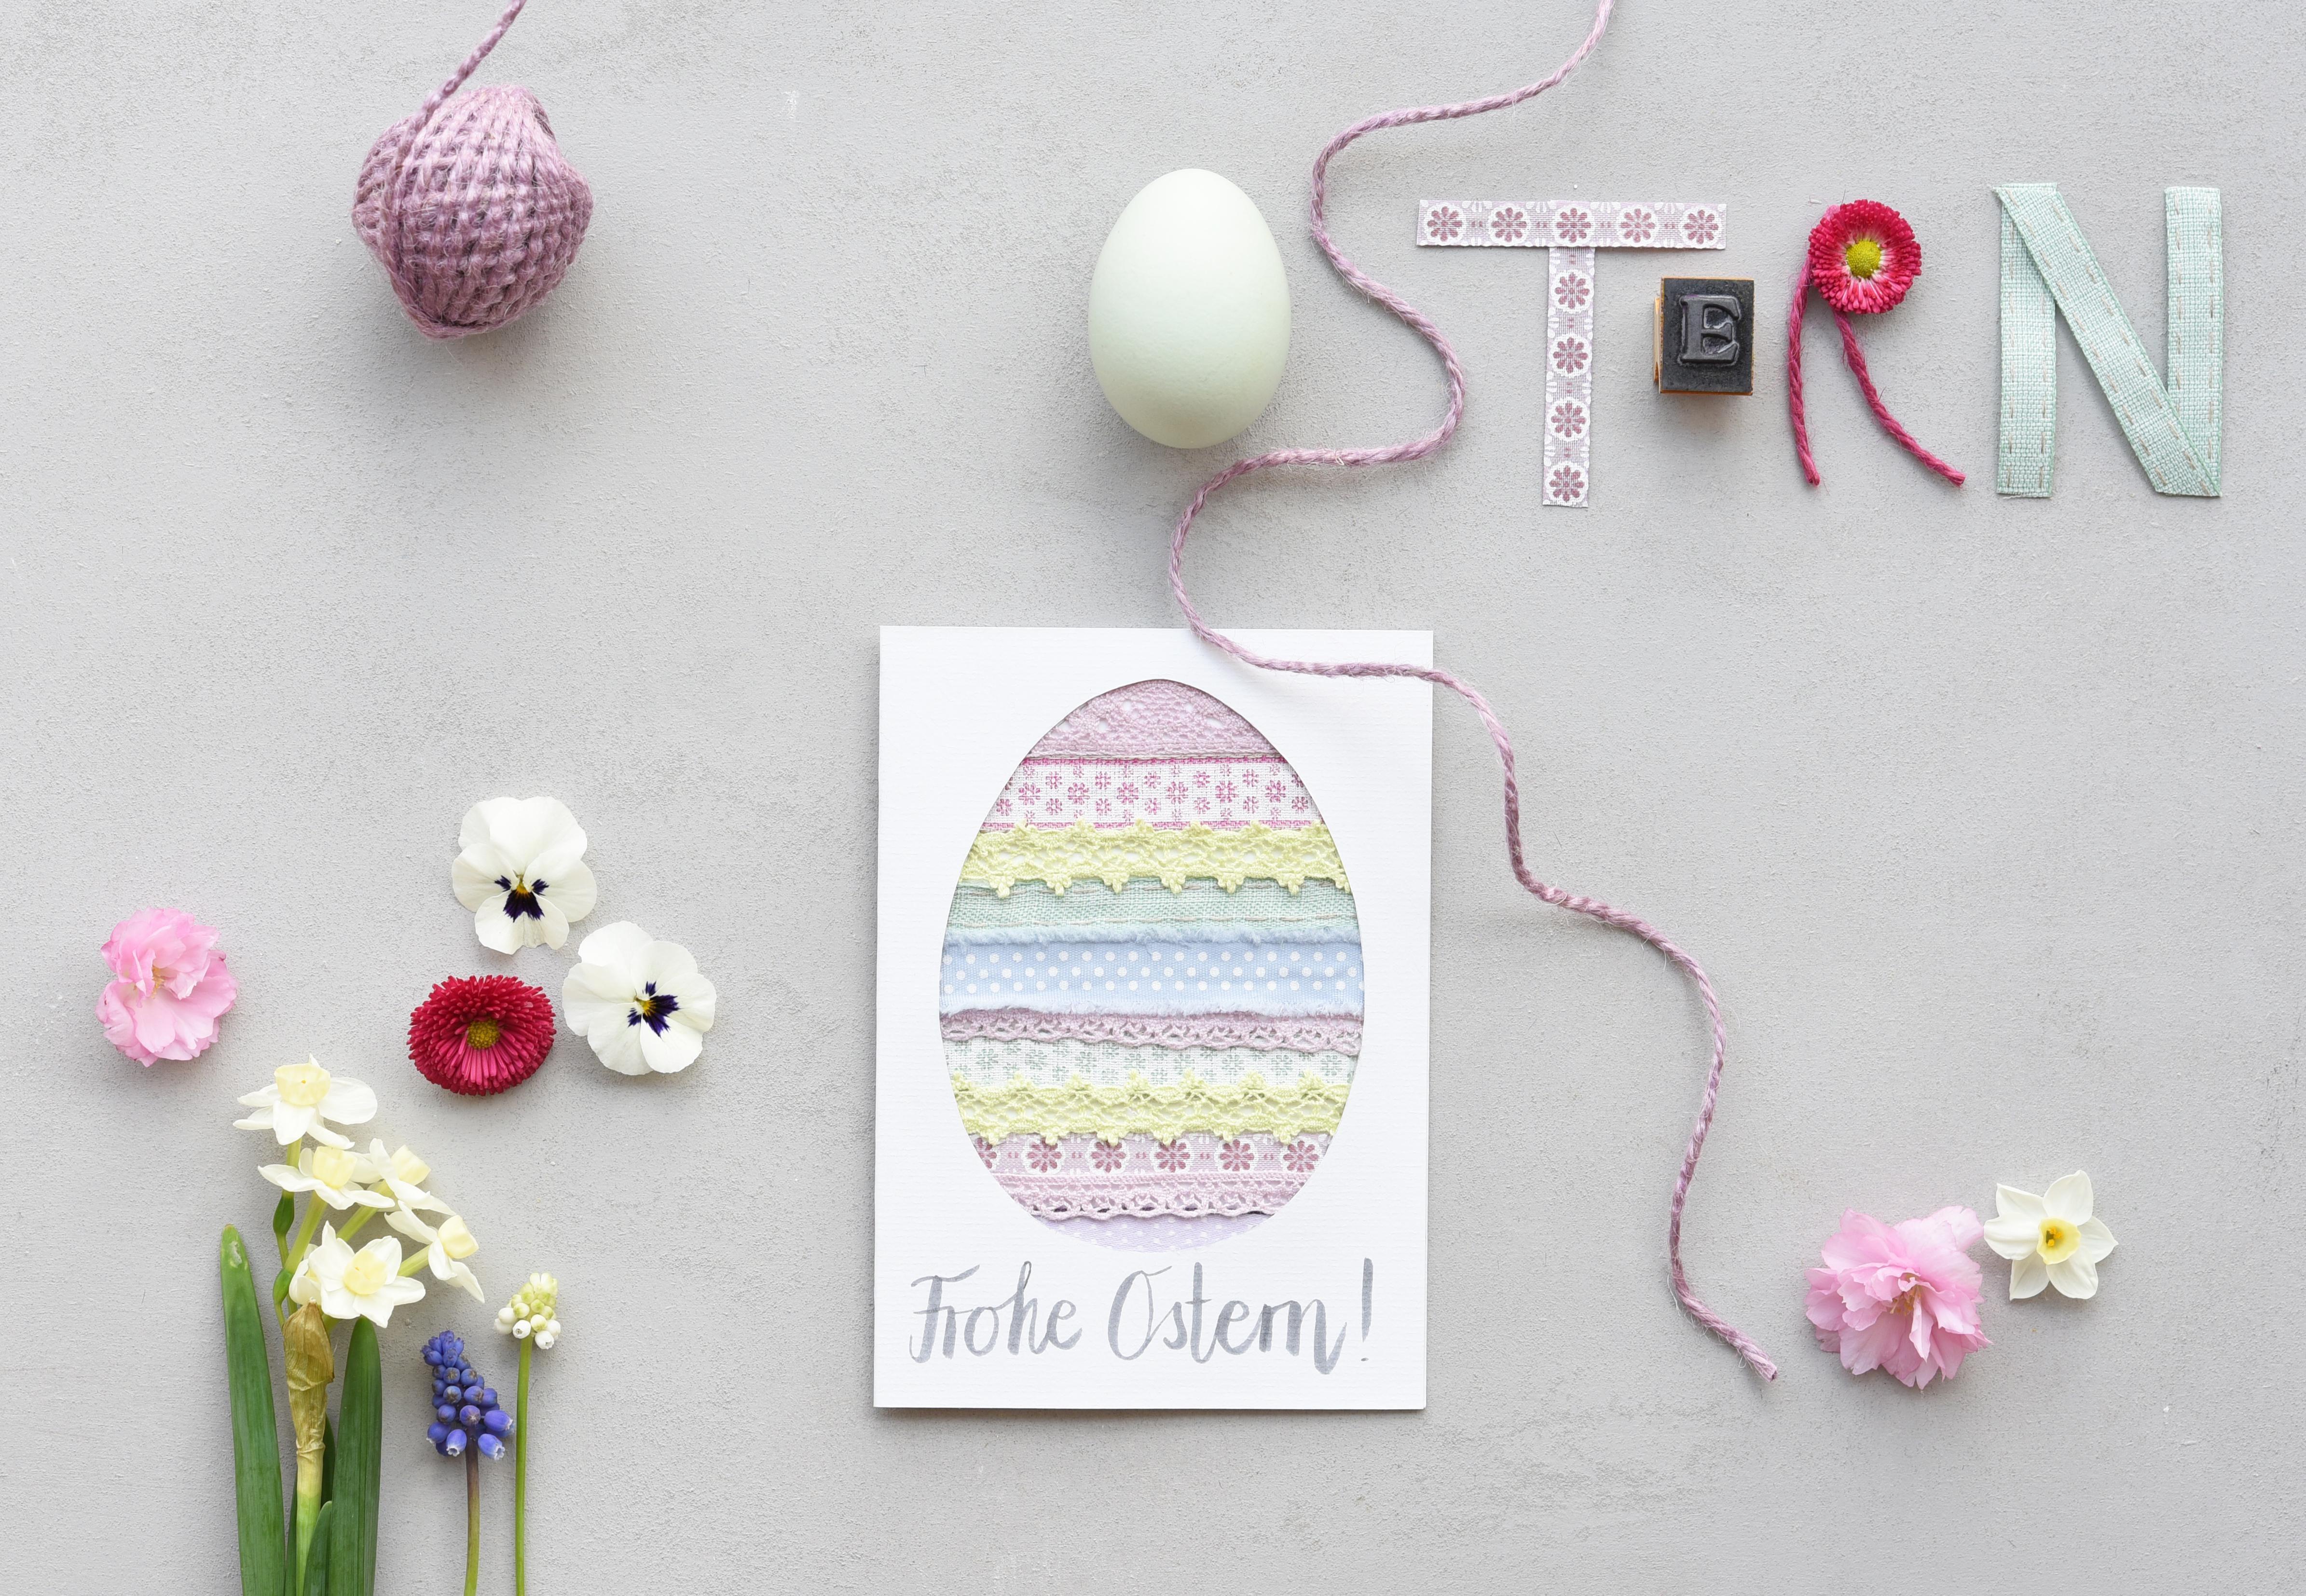 Eine Karte Basteln Und Grüße Zu Ostern Verschicken